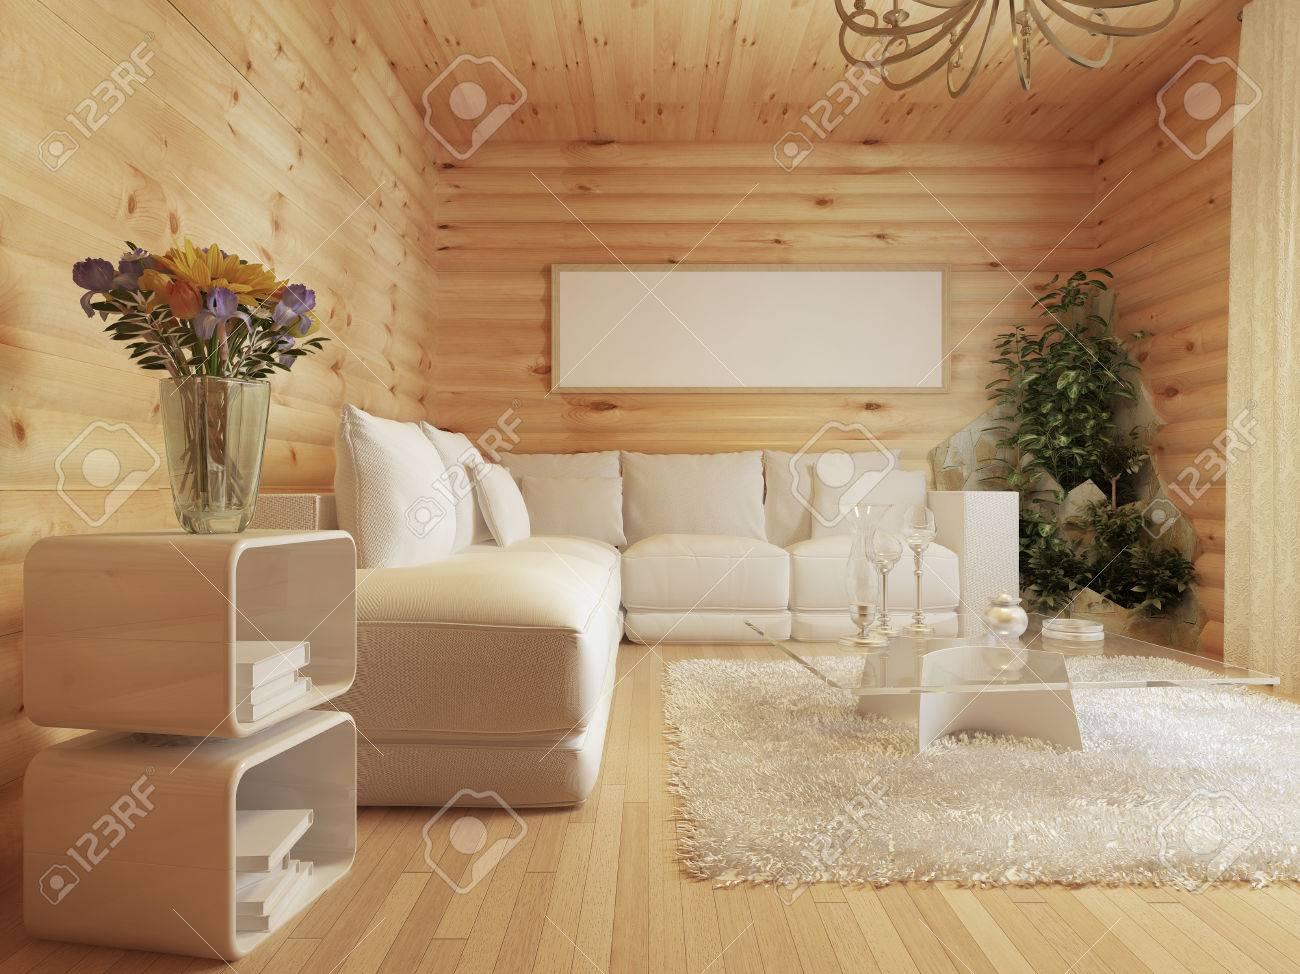 Salon Interior En Una Casa De Madera Interior En Estilo Moderno Con - Salon-madera